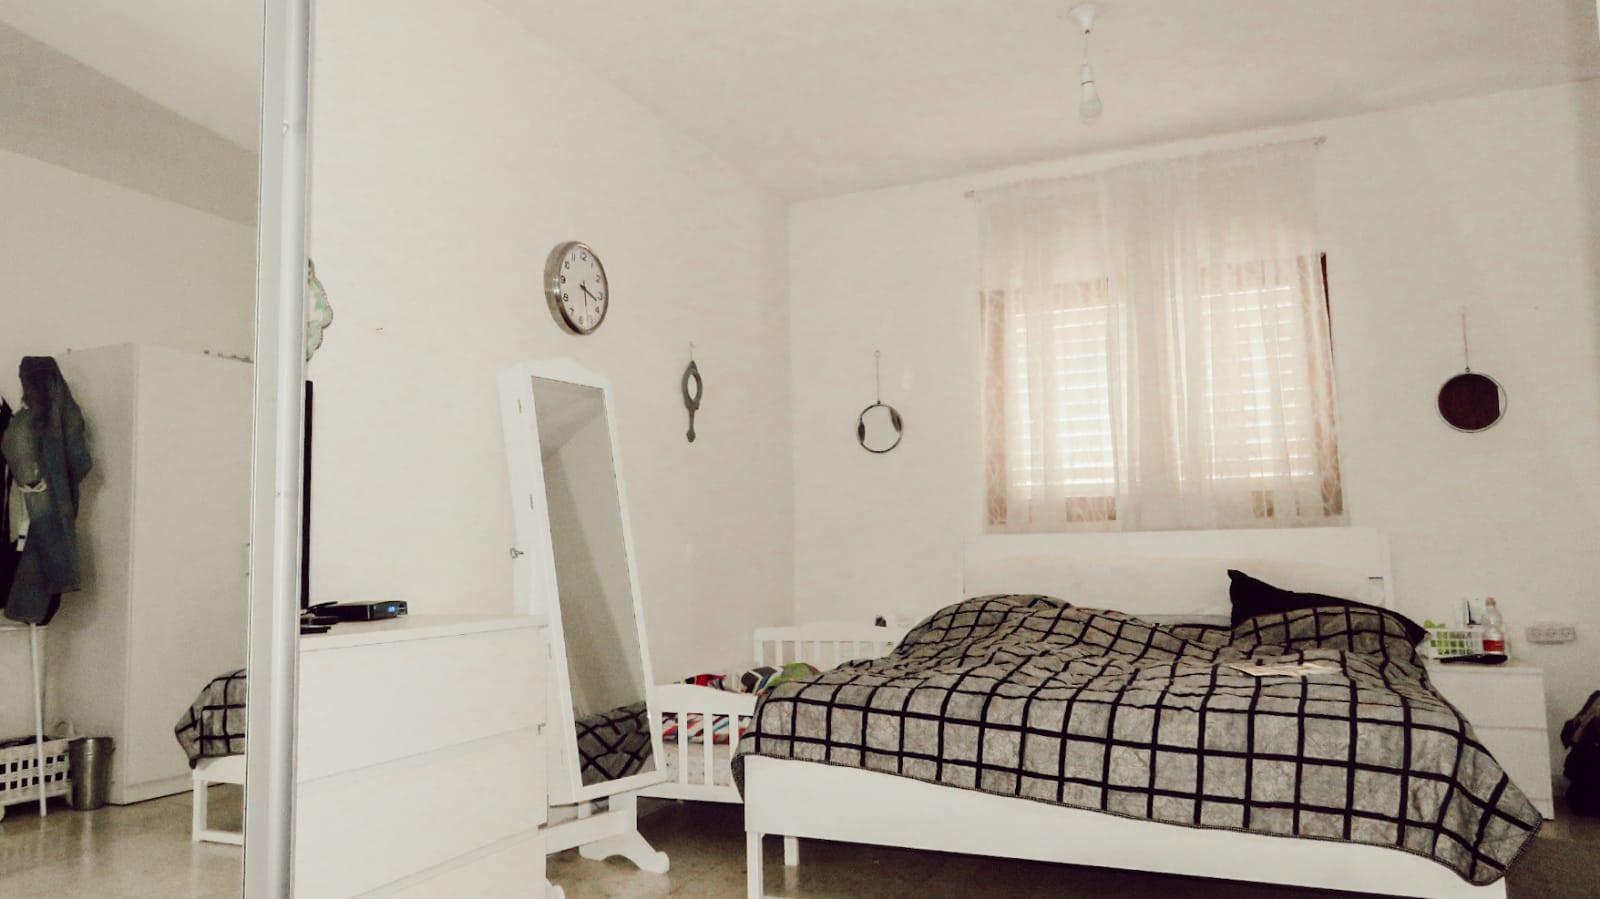 בית למכירה בחרוצים- חדר השינה הגדול